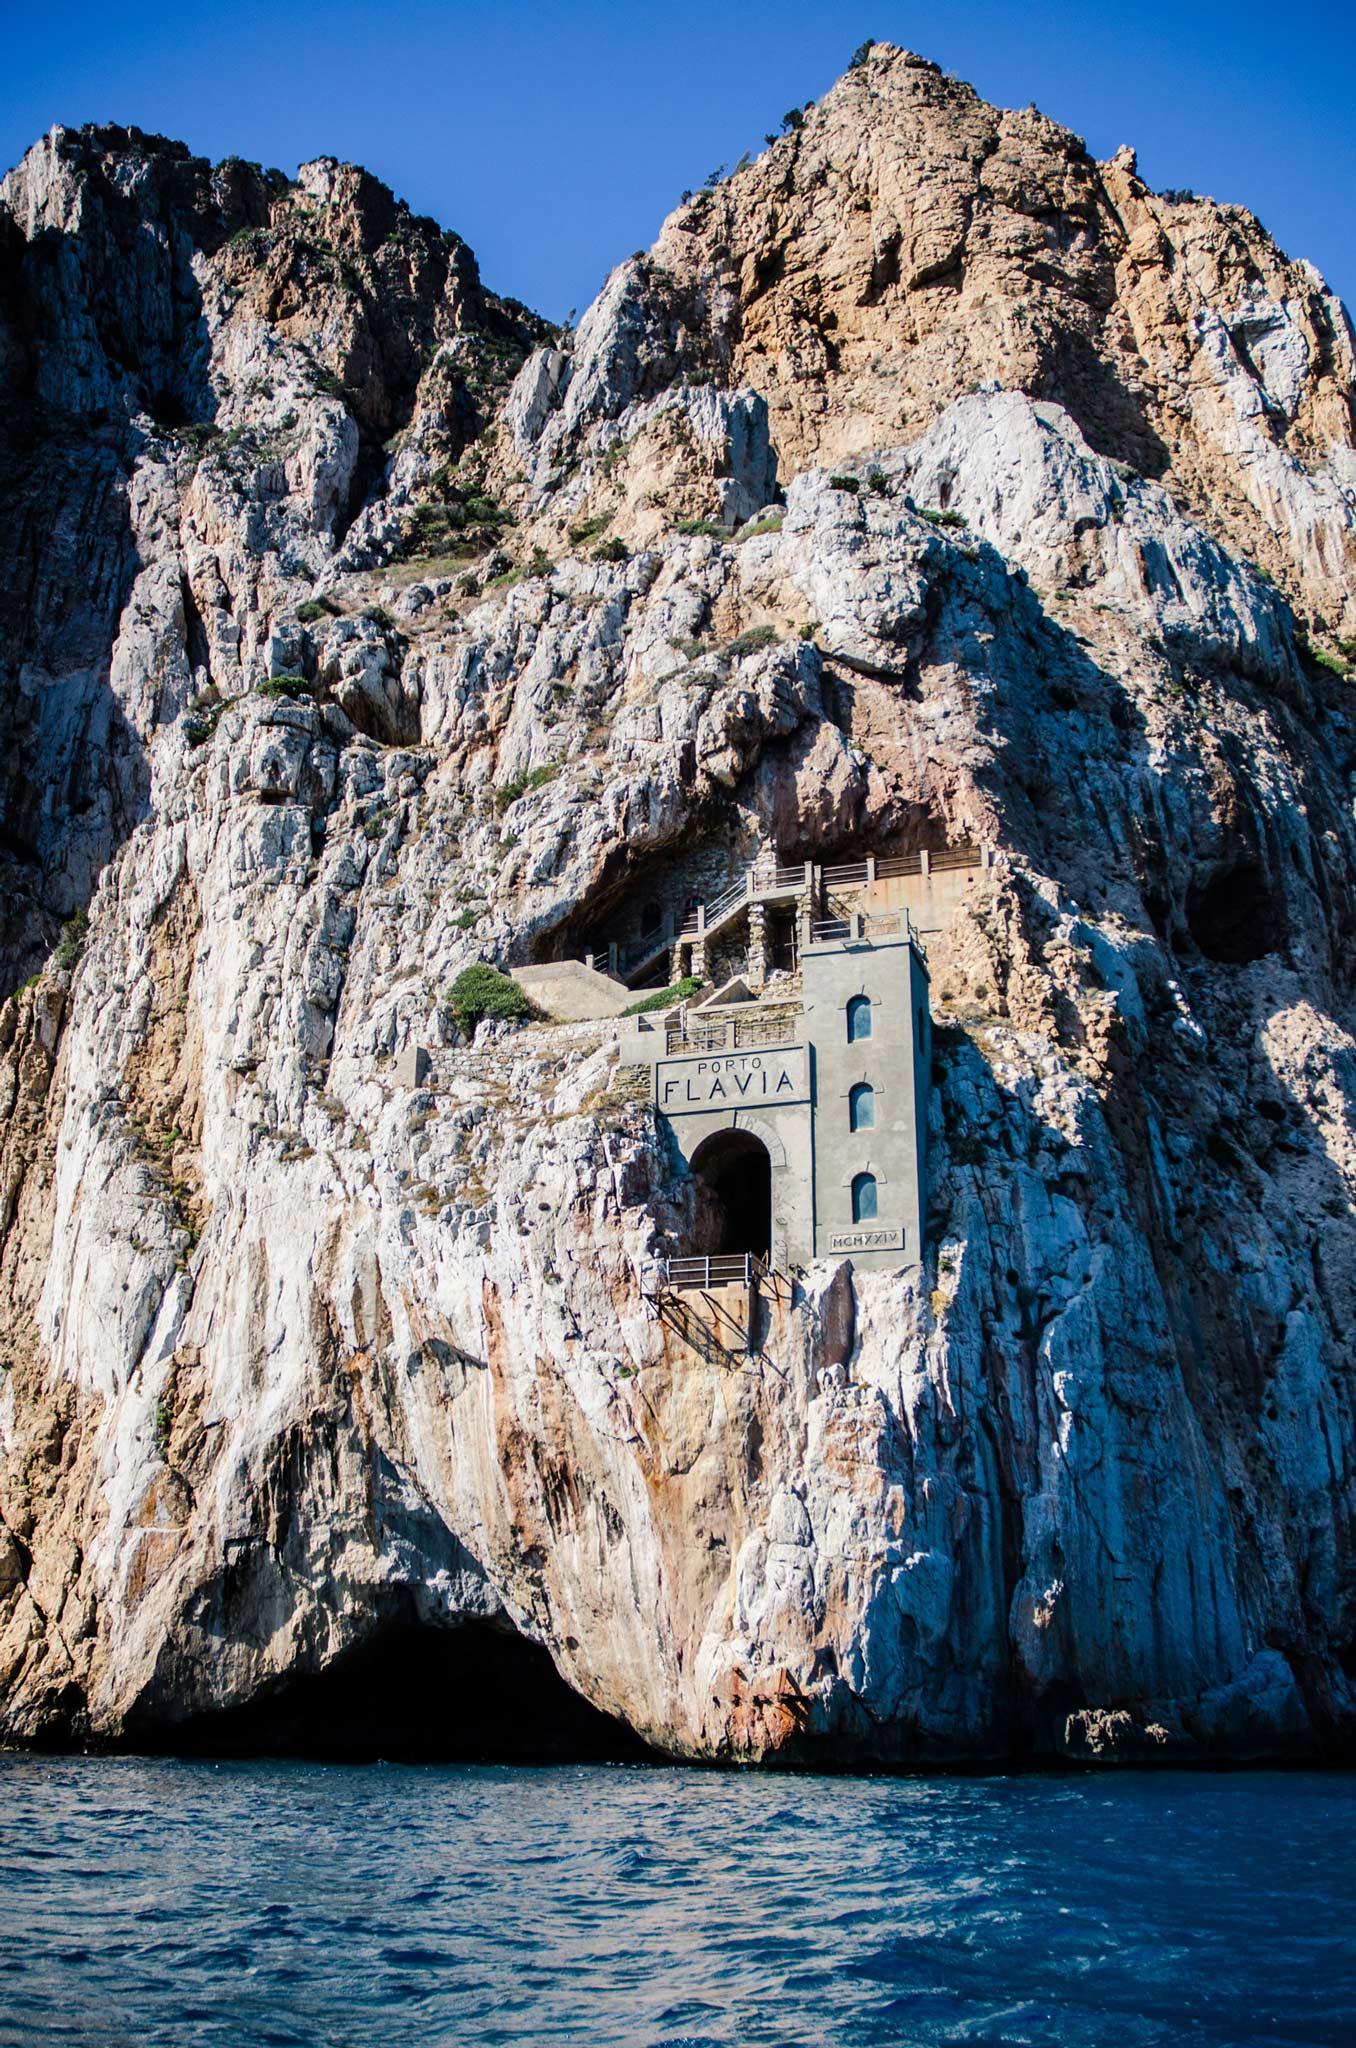 Paesaggi-Italia - DSC 9305 - Porto-Flavia-Sardegna - Porto-Flavia-Sardegna